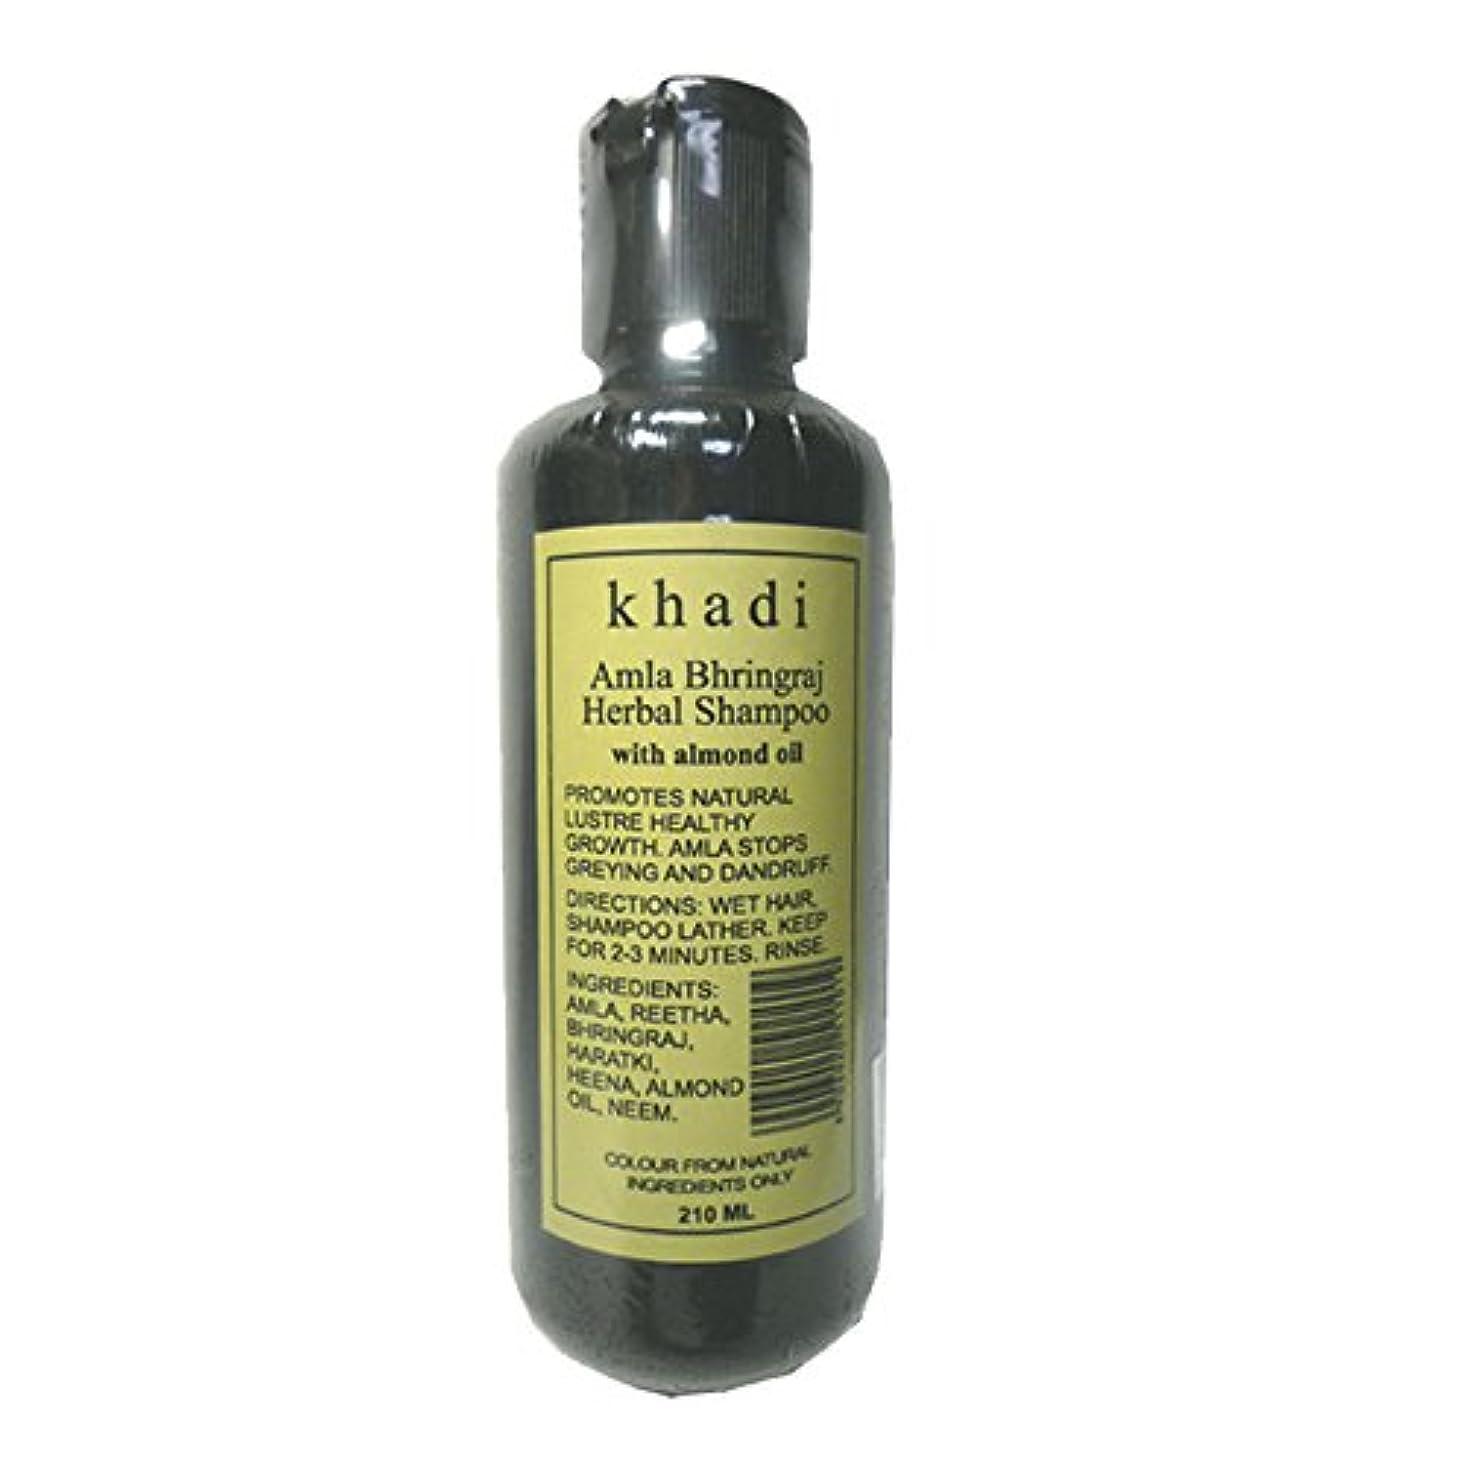 比べる有用脚本家手作り  カーディ アムラ リーサ ハーバルシャンプー KHADI Amla Rertha  Herbal Shampoo(Amla Bhringraj Herbal Shampoo)